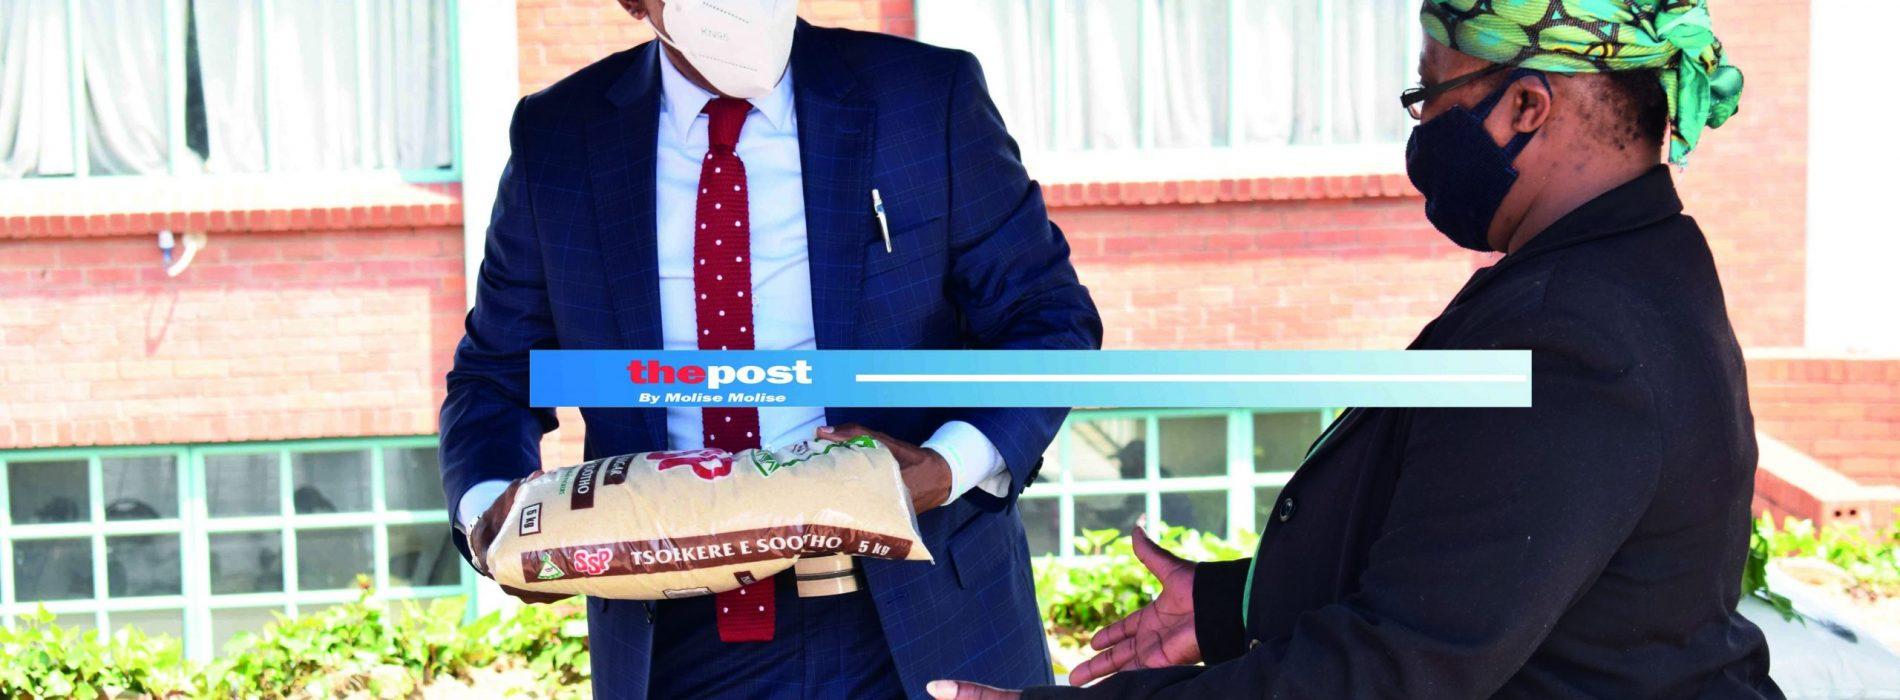 LEFA boss hands over food parcels